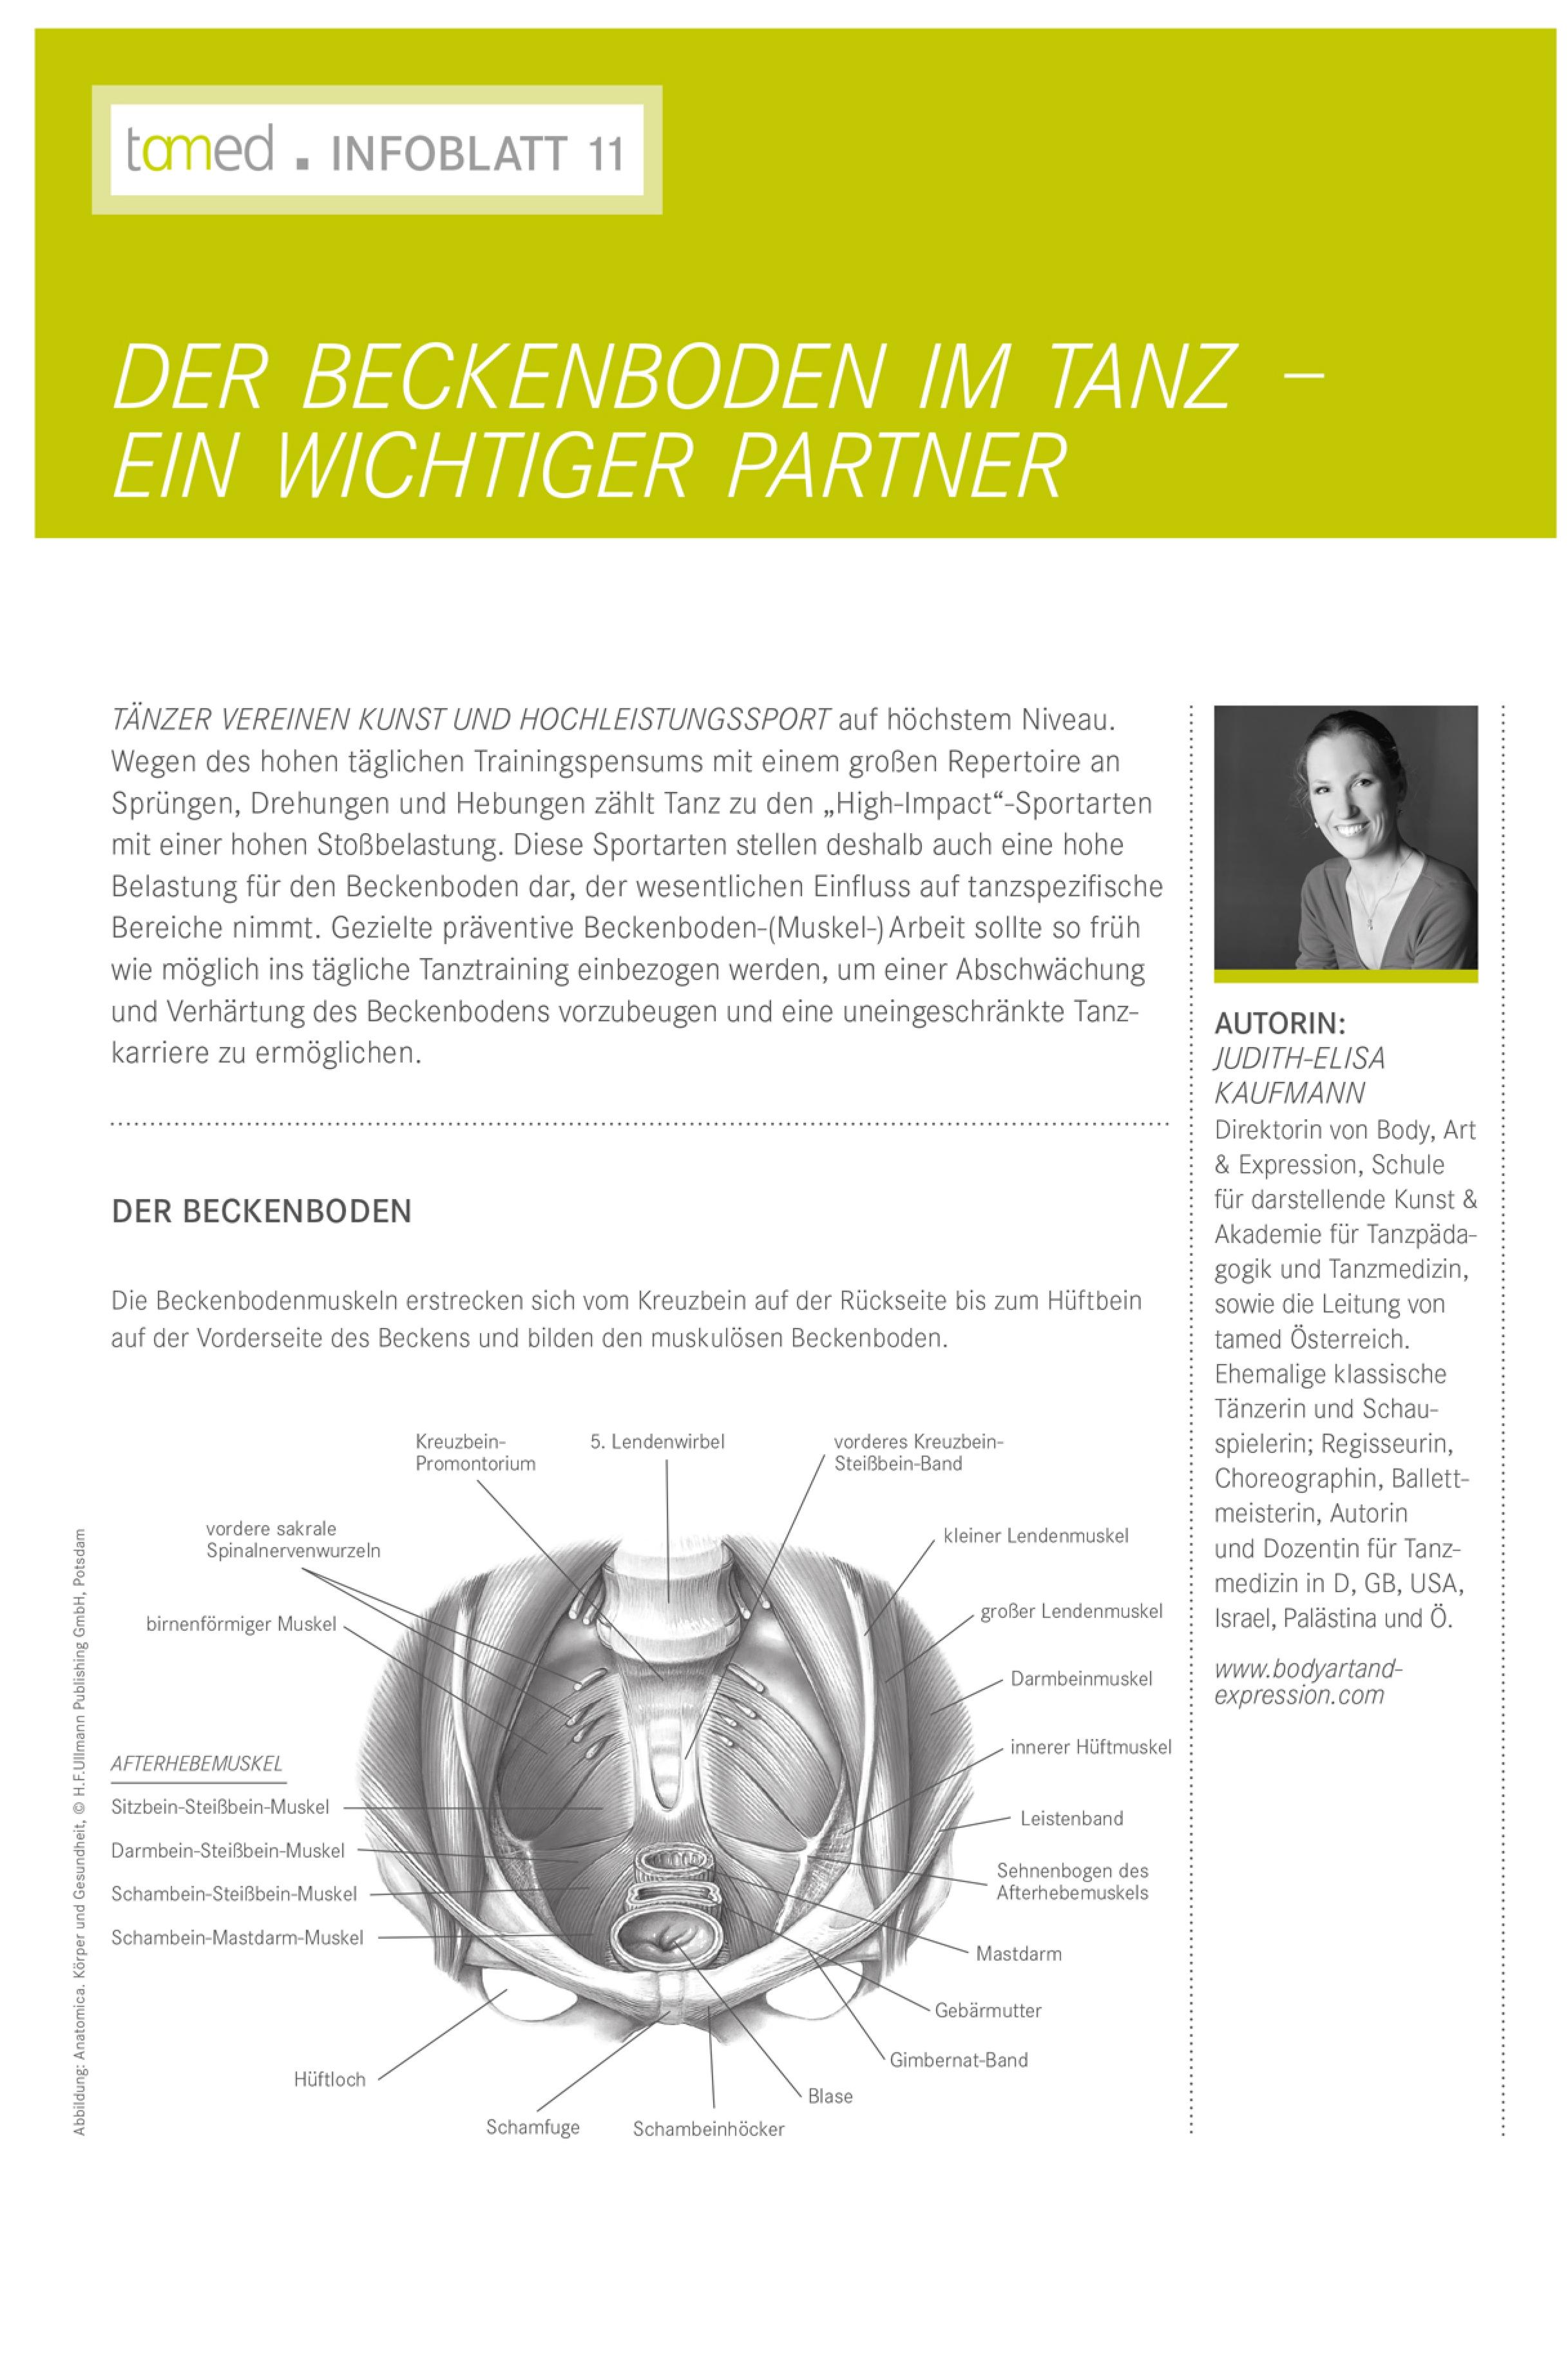 Infoblatt 11 - Der Beckenboden im Tanz